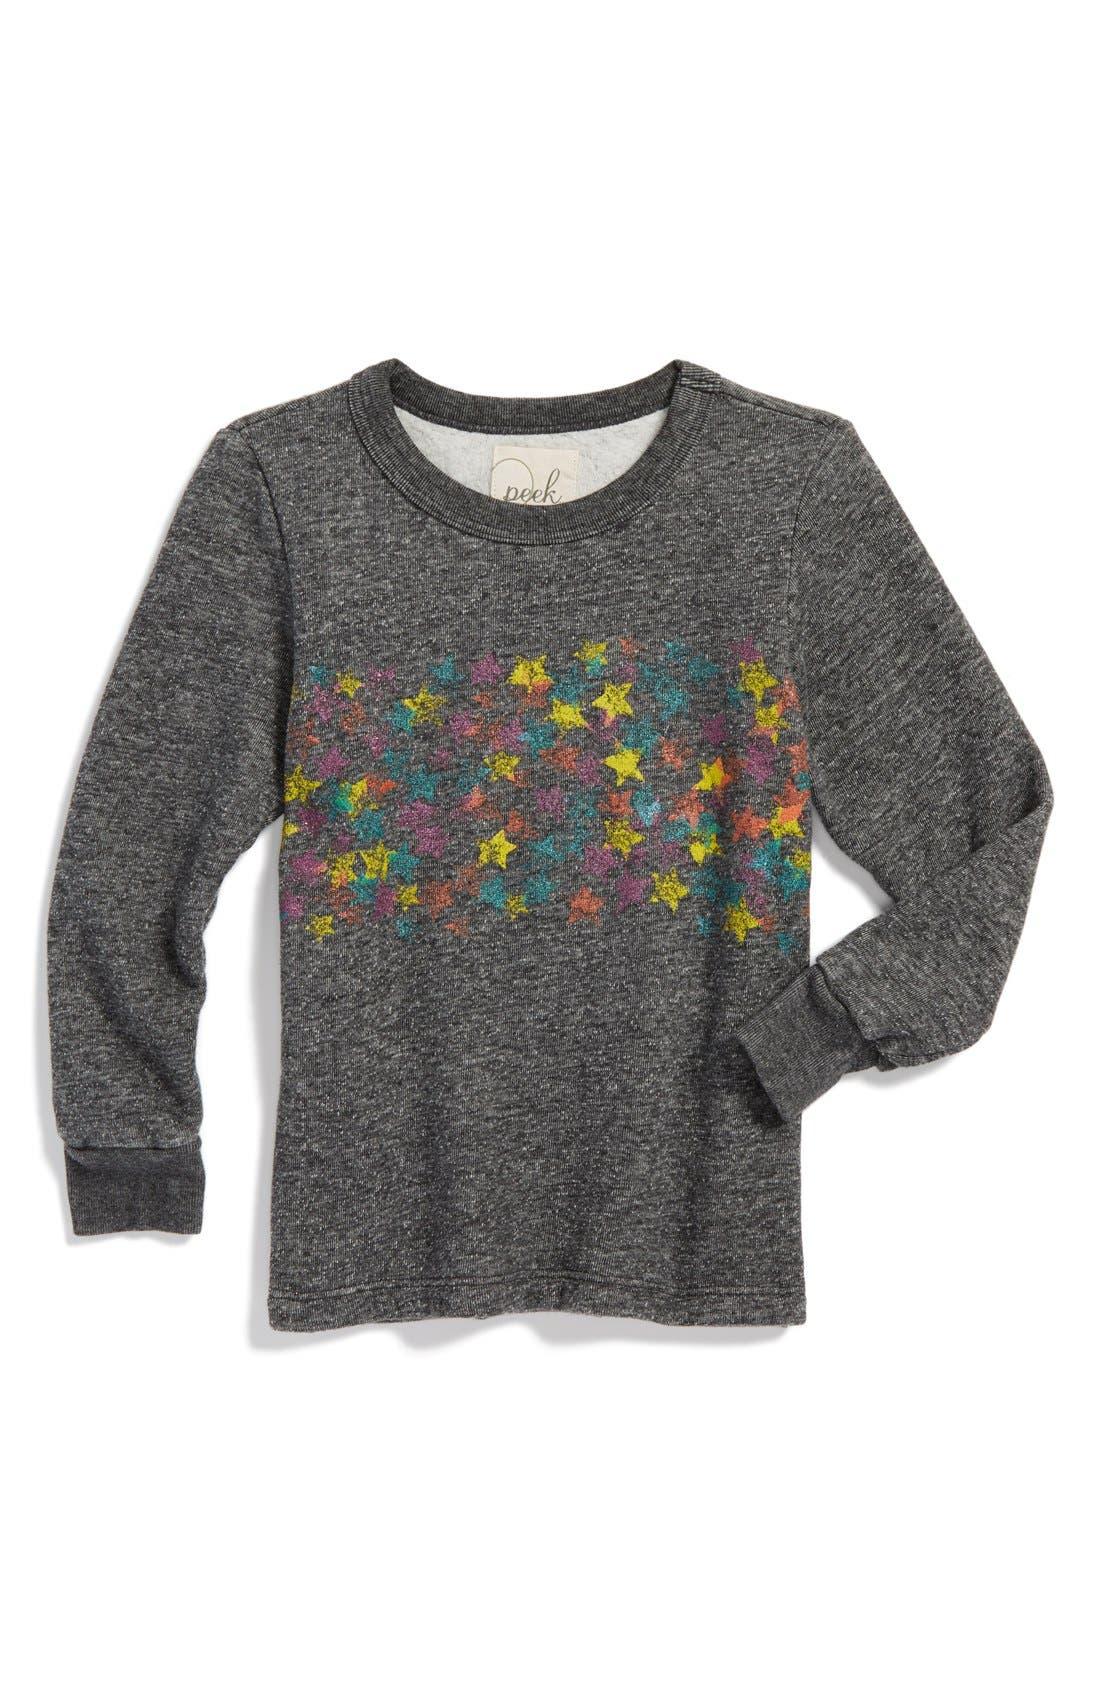 Main Image - Peek 'Star' Sweatshirt (Toddler Girls, Little Girls & Big Girls)